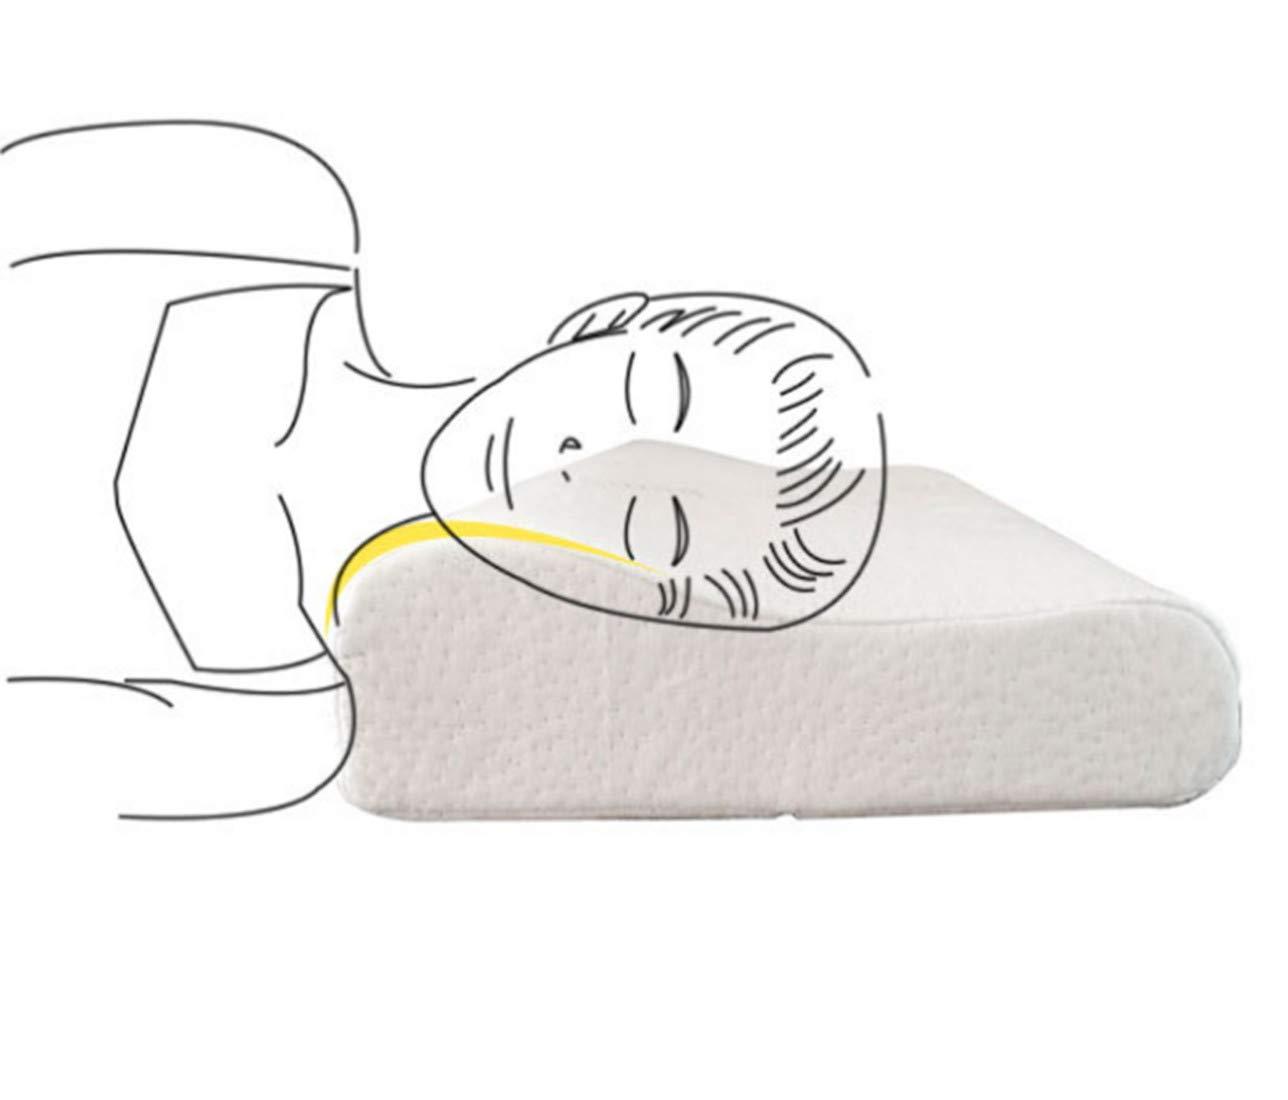 /doux Soutien Oreiller hypoallerg/énique lavable Vie Hall en mousse /à m/émoire Oreiller/ Kids Pillow /Standard cervical Soins de sant/é Oreiller orthop/édique de massage sommeil cou oreillers/